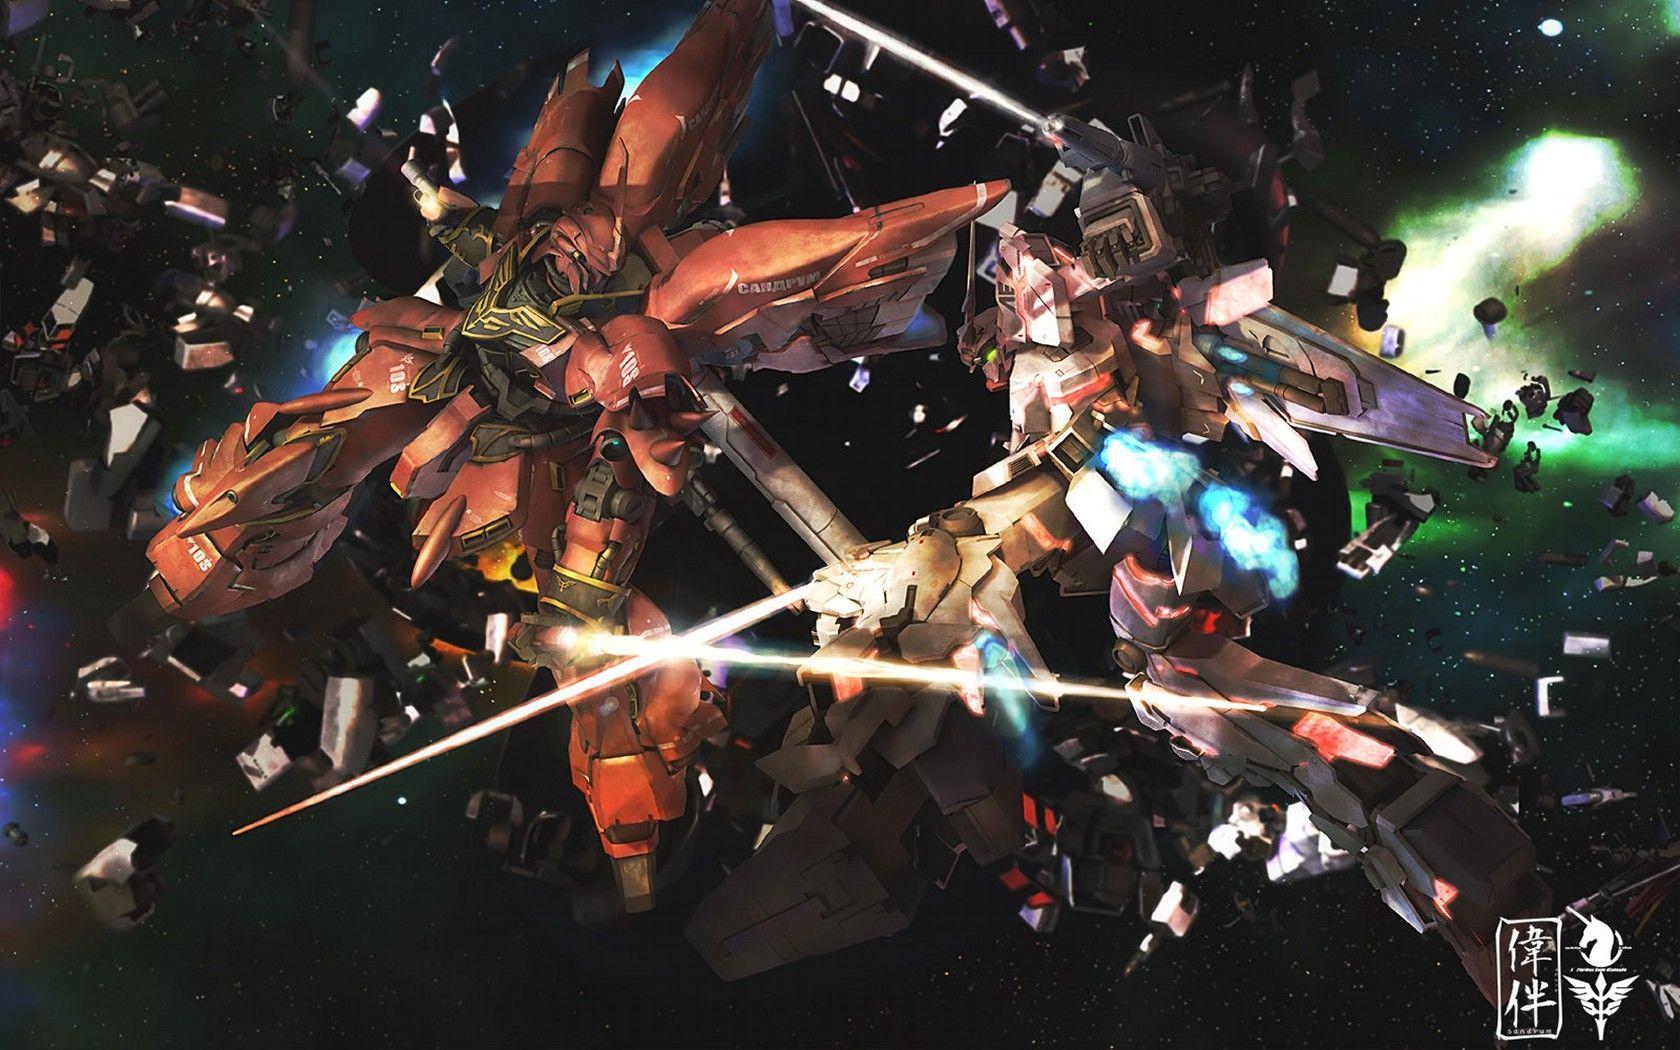 ガンダム 画像 壁紙 ガンダム 壁紙集 壁紙集めてみた Naver まとめ Unicorn Gundam Gundam Art Gundam